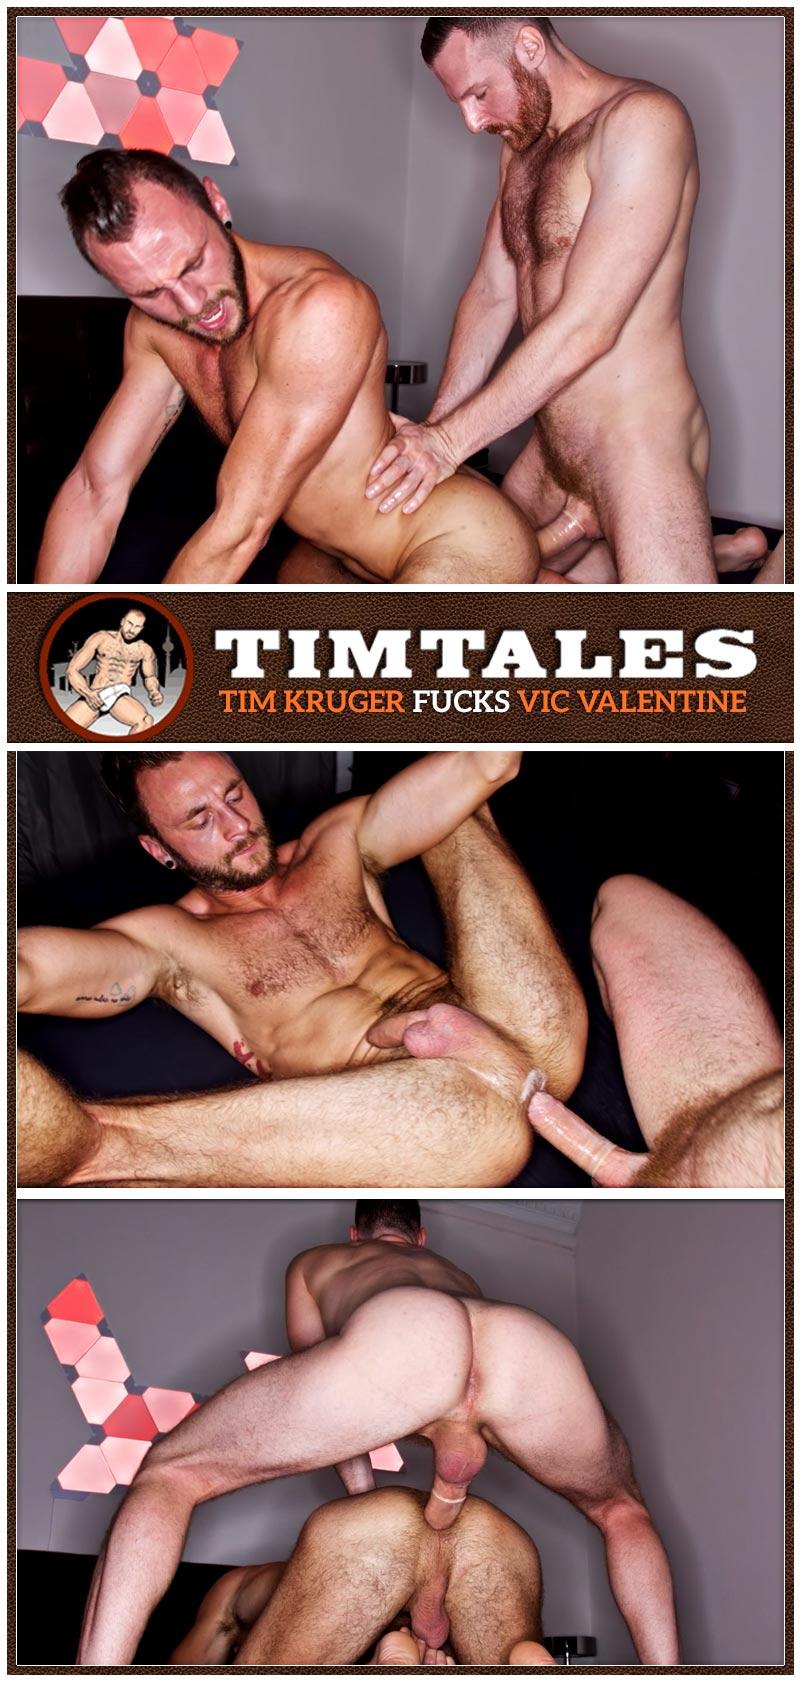 Tim Kruger Fucks Vic Valentine at TimTales